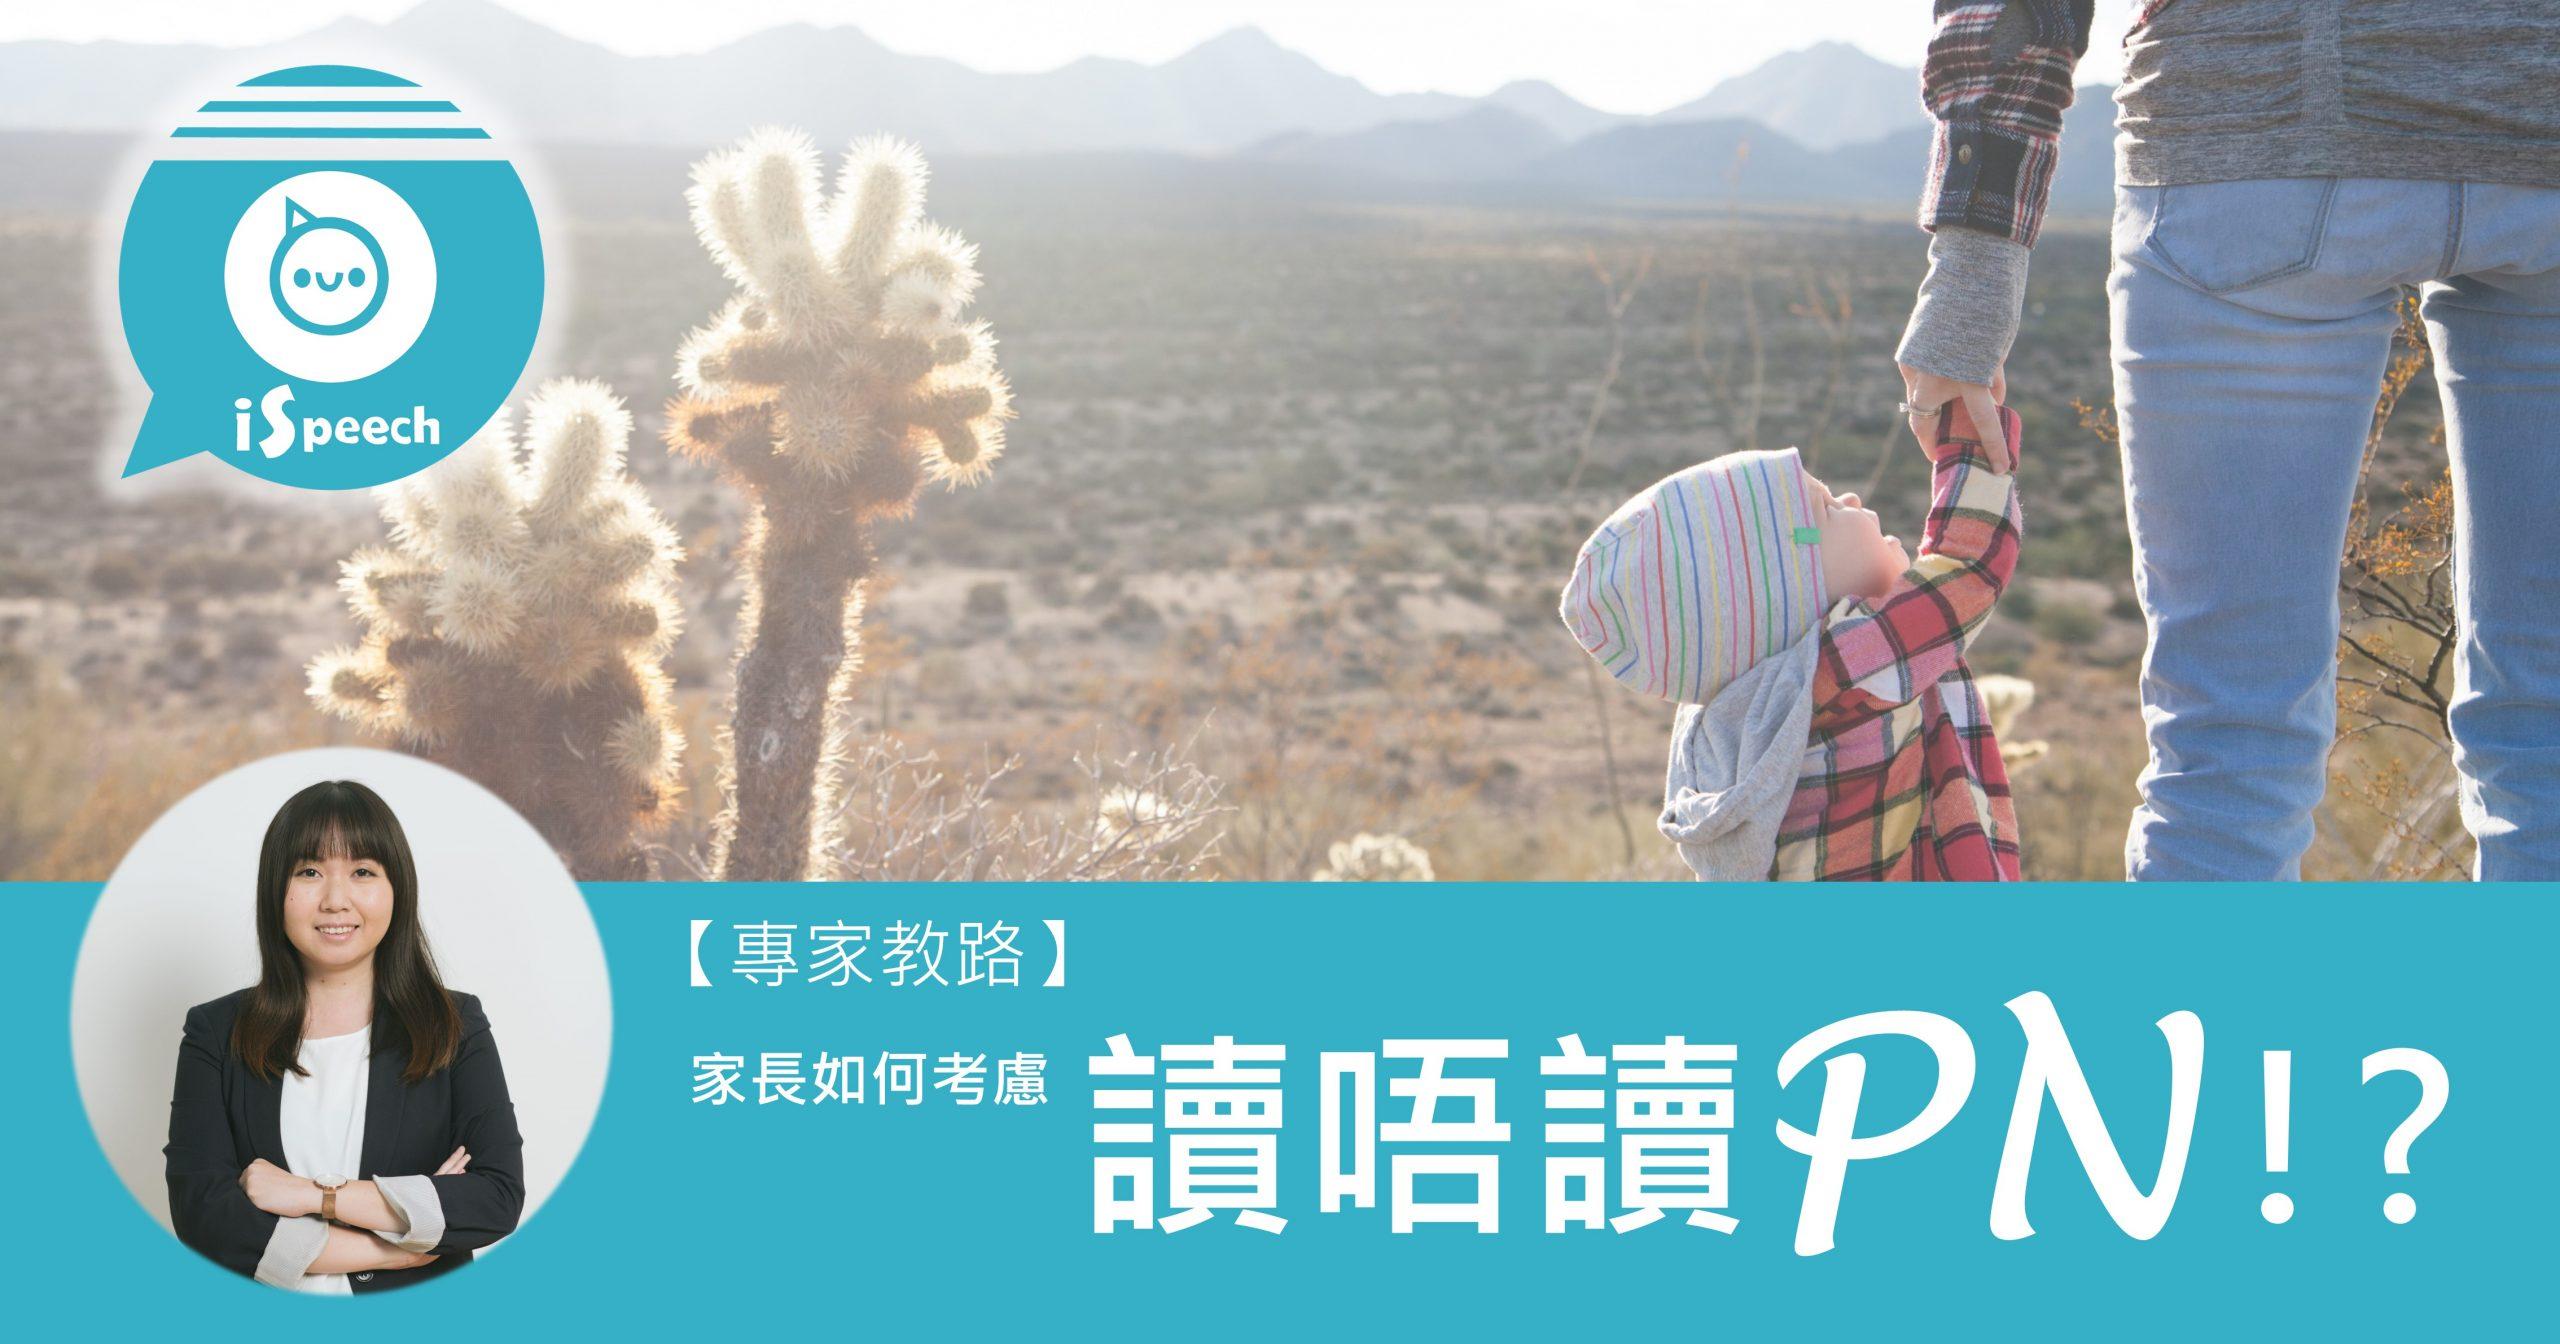 家長如何考慮讀唔讀PN!?